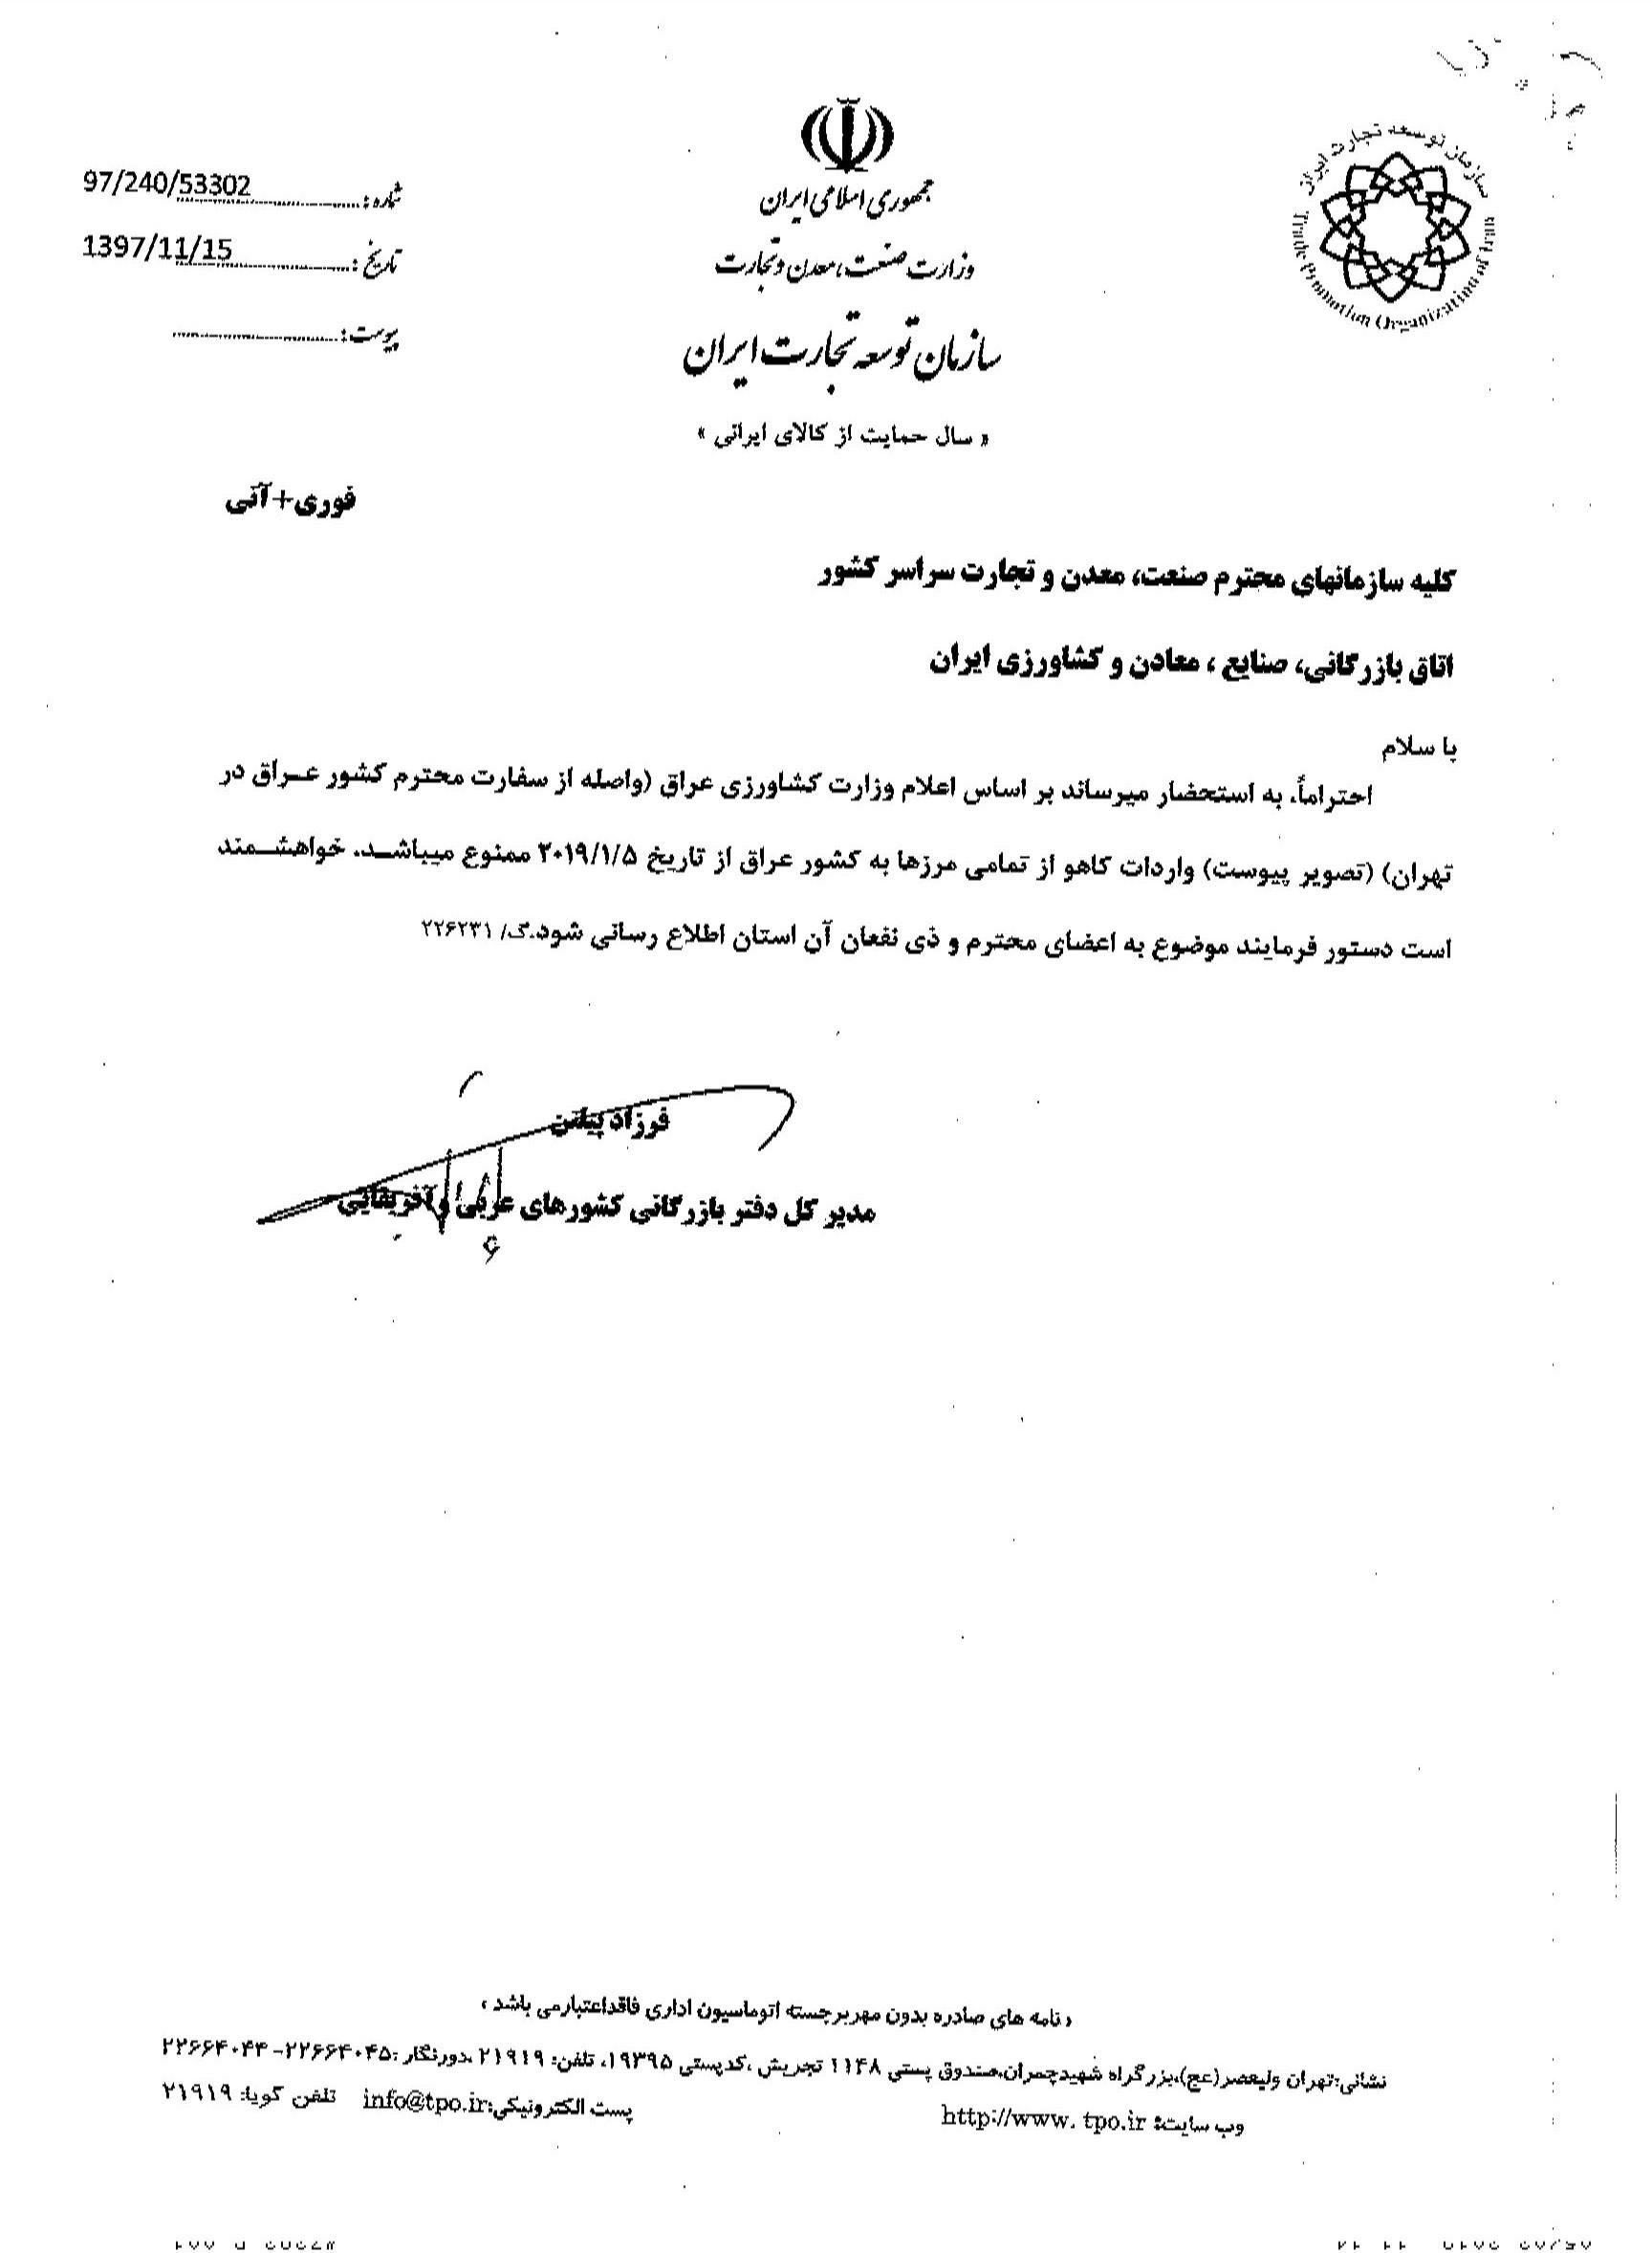 ممنوعیت واردات کاهو به عراق